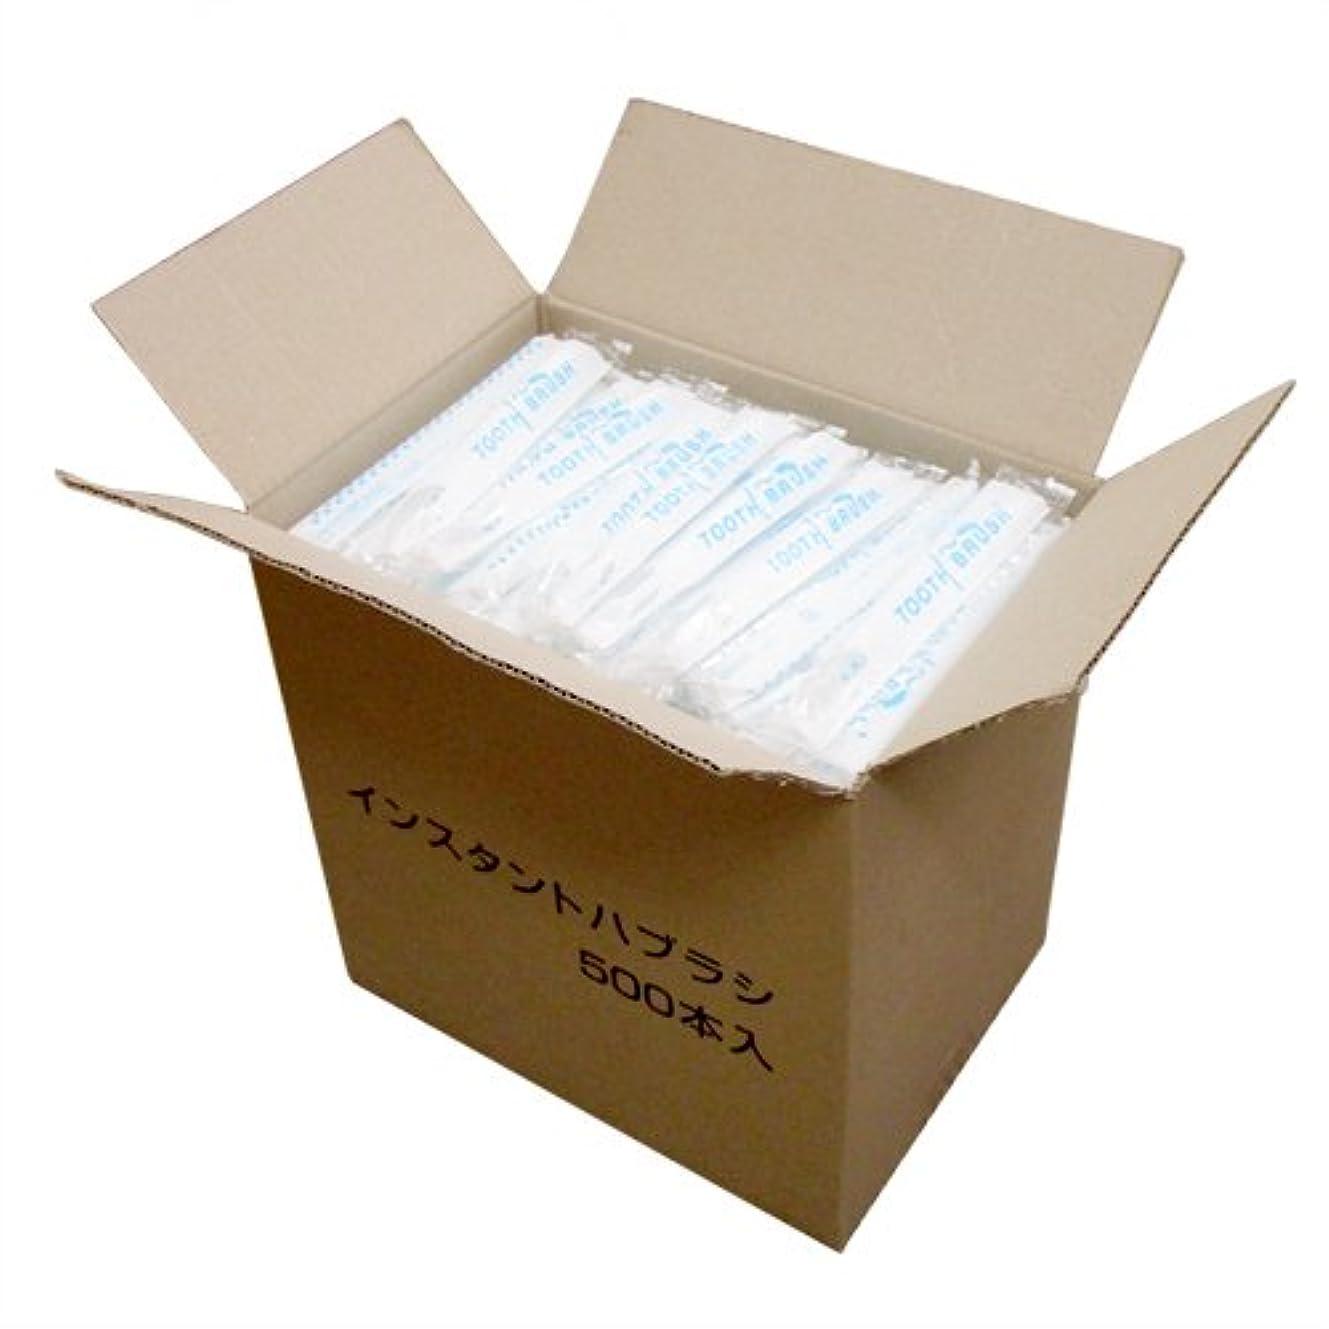 匹敵します限定伝記業務用 日本製 使い捨て粉付き歯ブラシ 個包装タイプ 500本入×8箱 (4000本入)│ホテルアメニティ